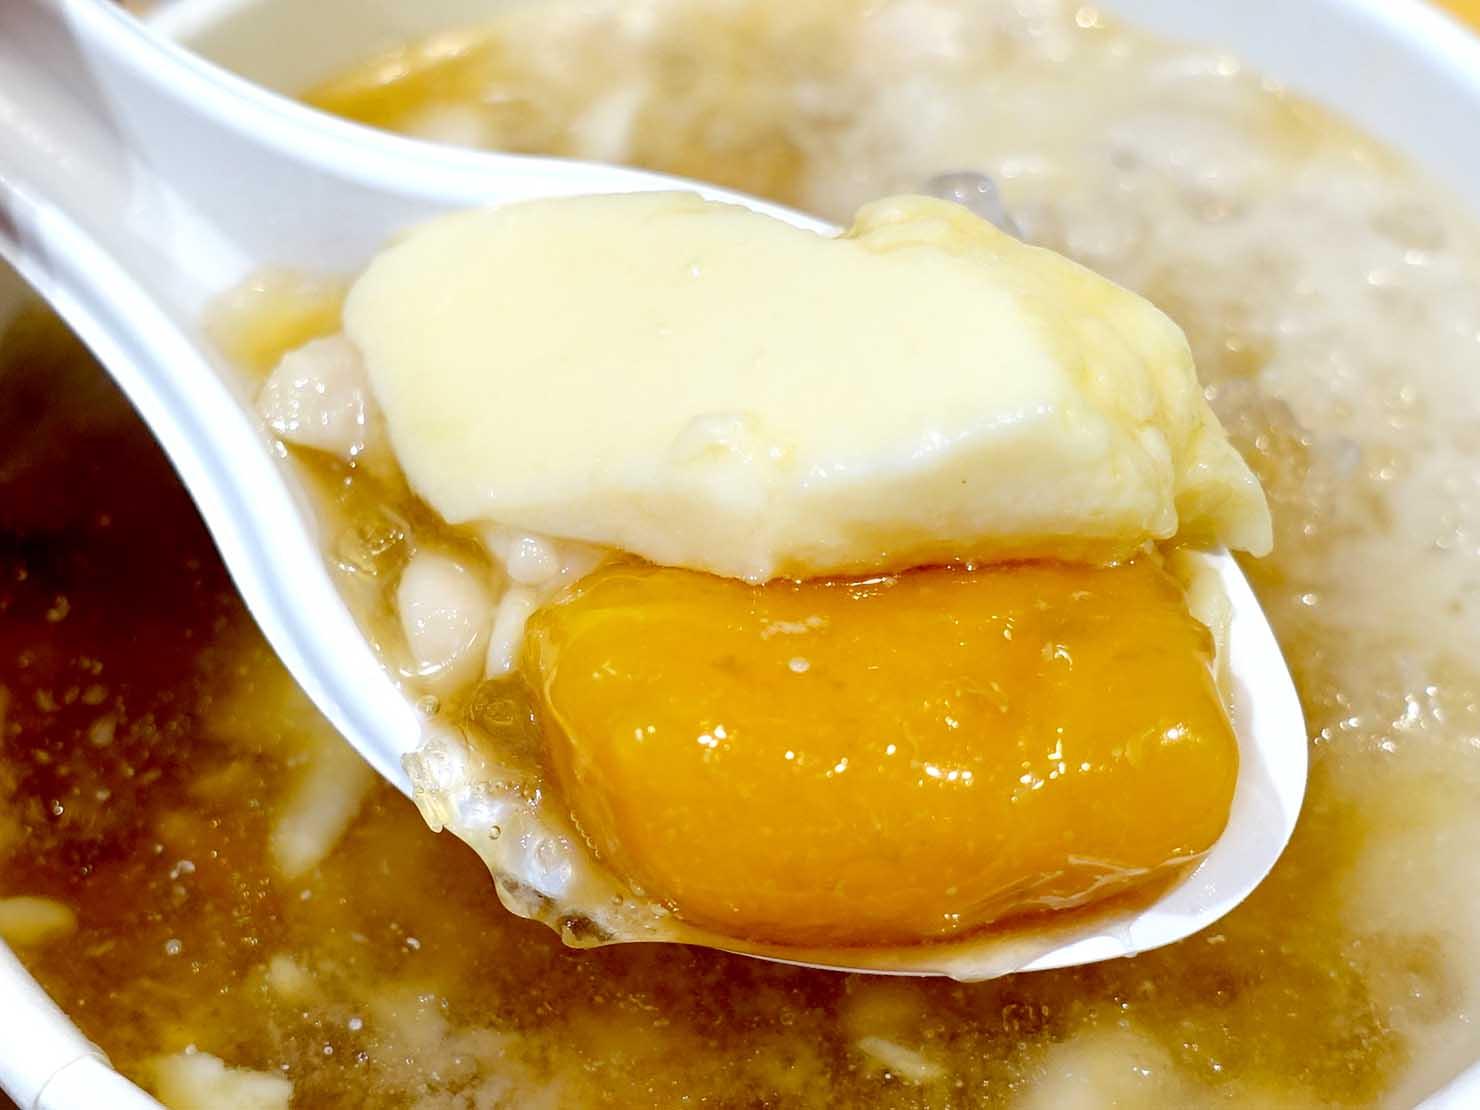 台北・西門町のおすすめデザート店「本願豆花店」の傳統嫩豆花クローズアップ